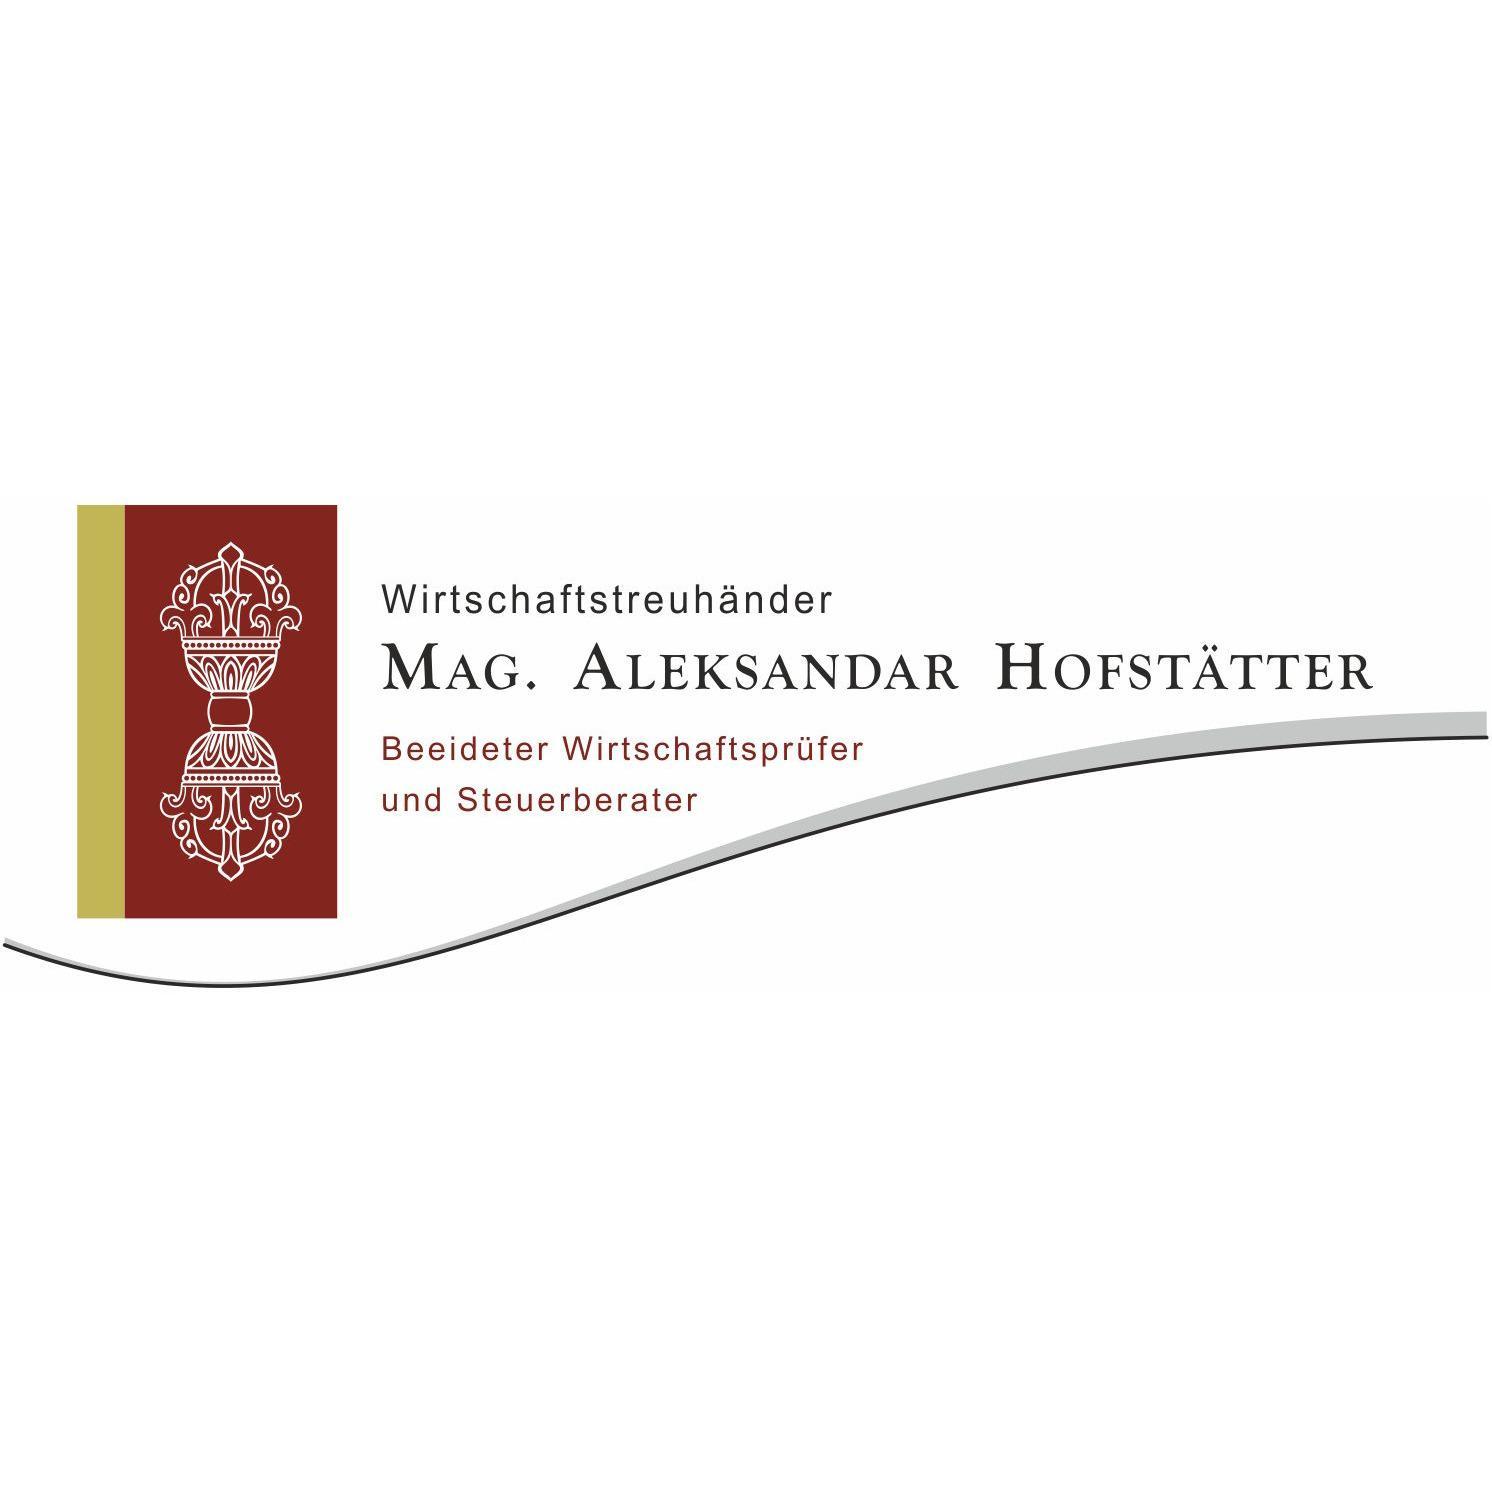 Mag. Aleksandar Hofstätter